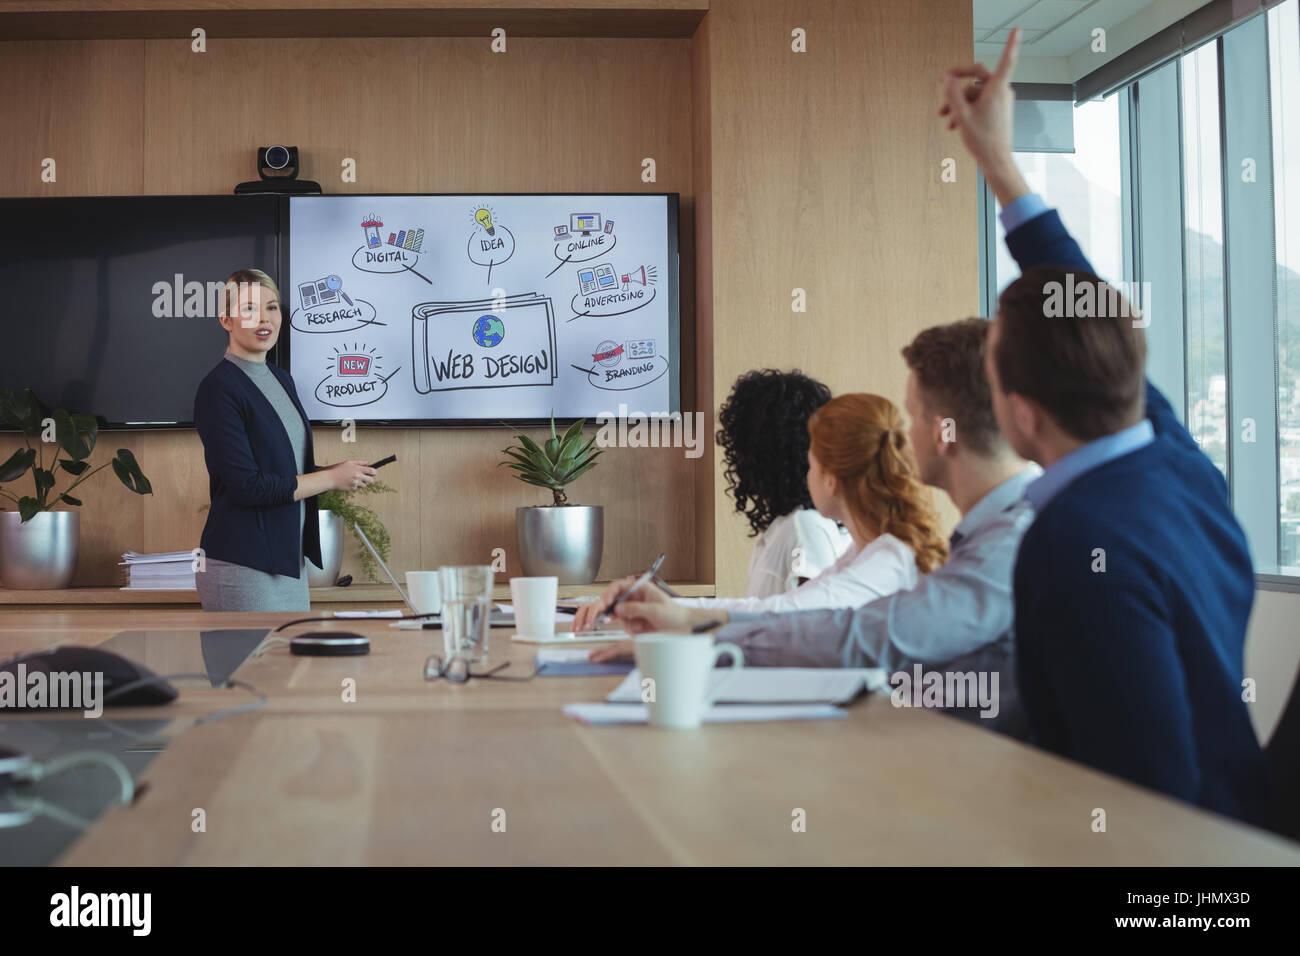 Imprenditrice interagire con team durante la riunione a un tavolo per conferenza nella sala riunioni Immagini Stock